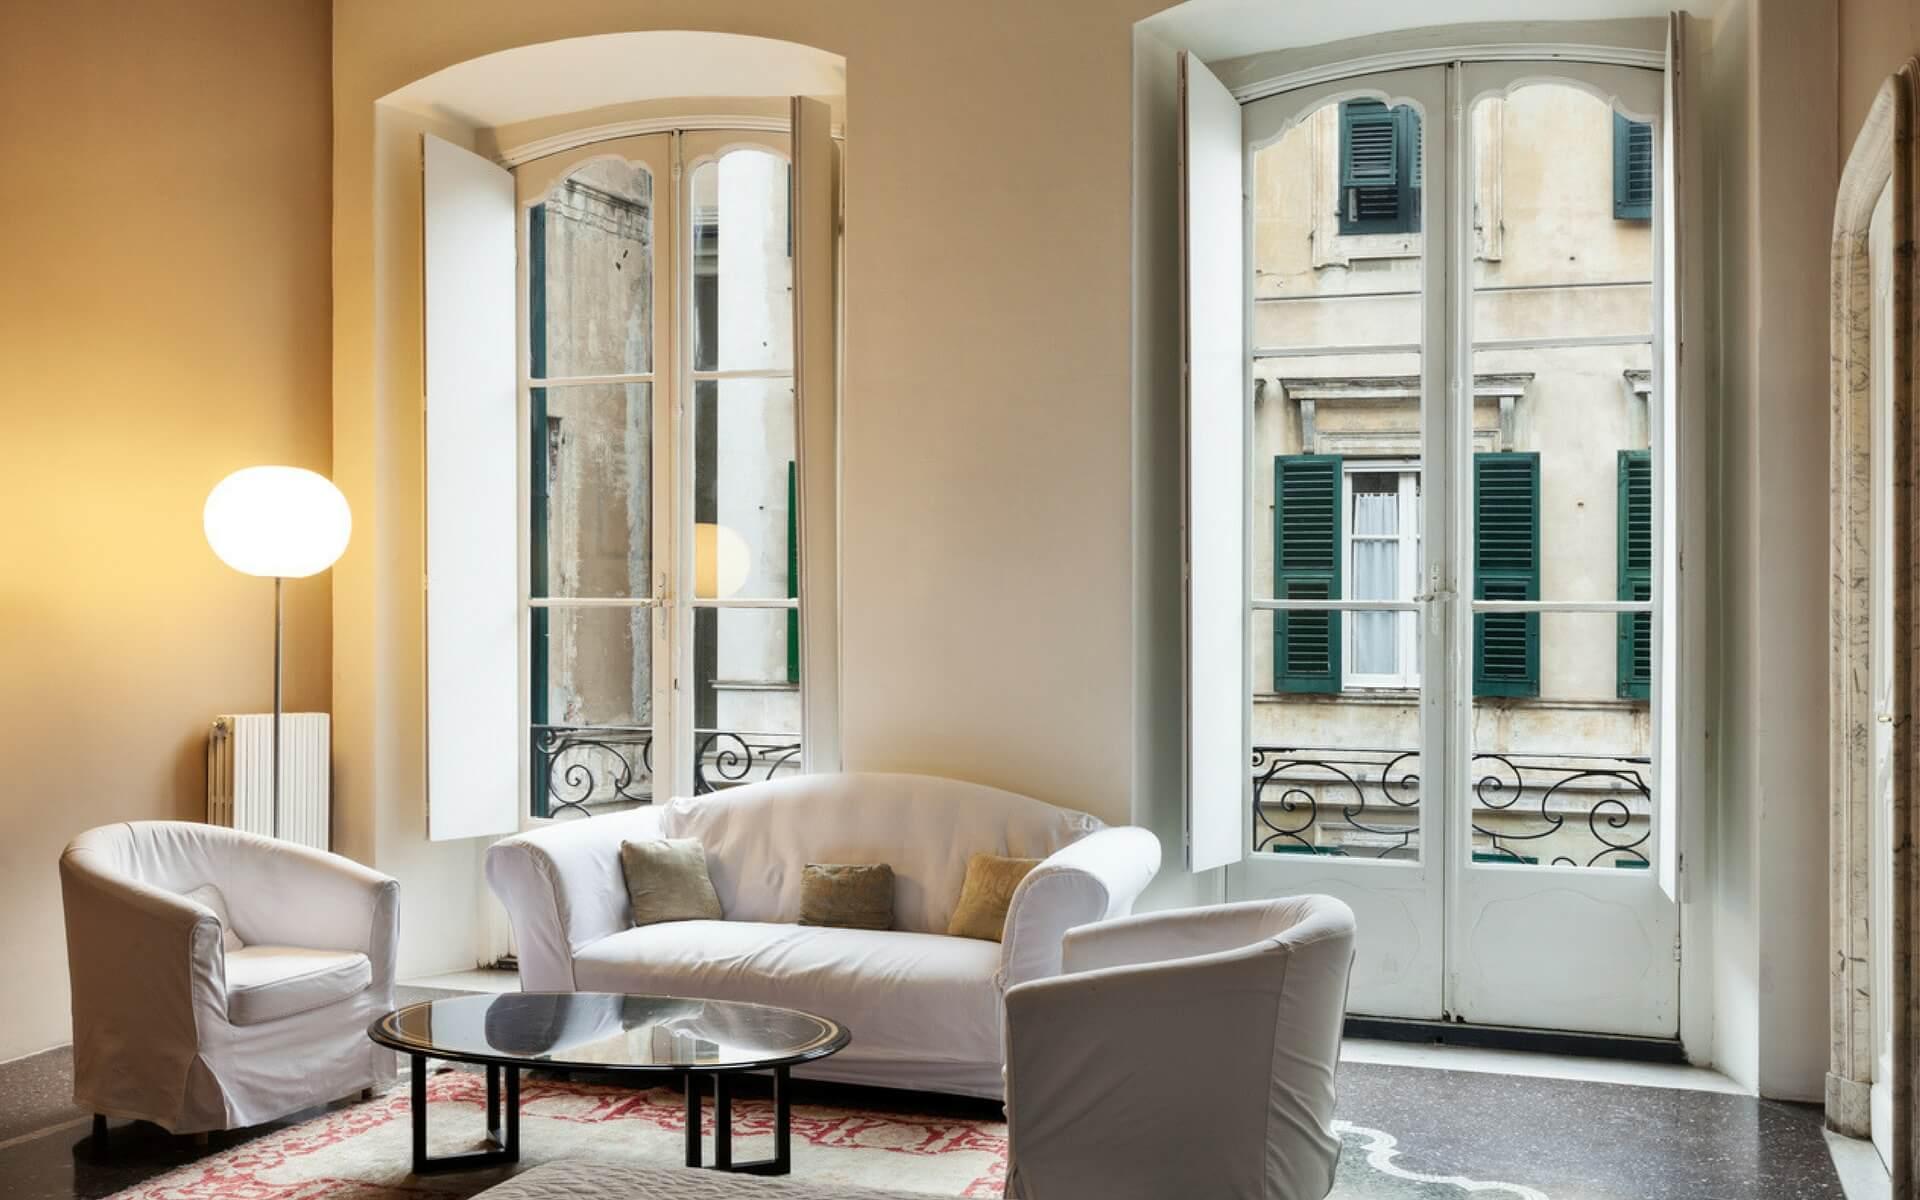 Scuretti interni come utilizzarli in casa blog oknoplast for Ventilatore con nebulizzatore per interni